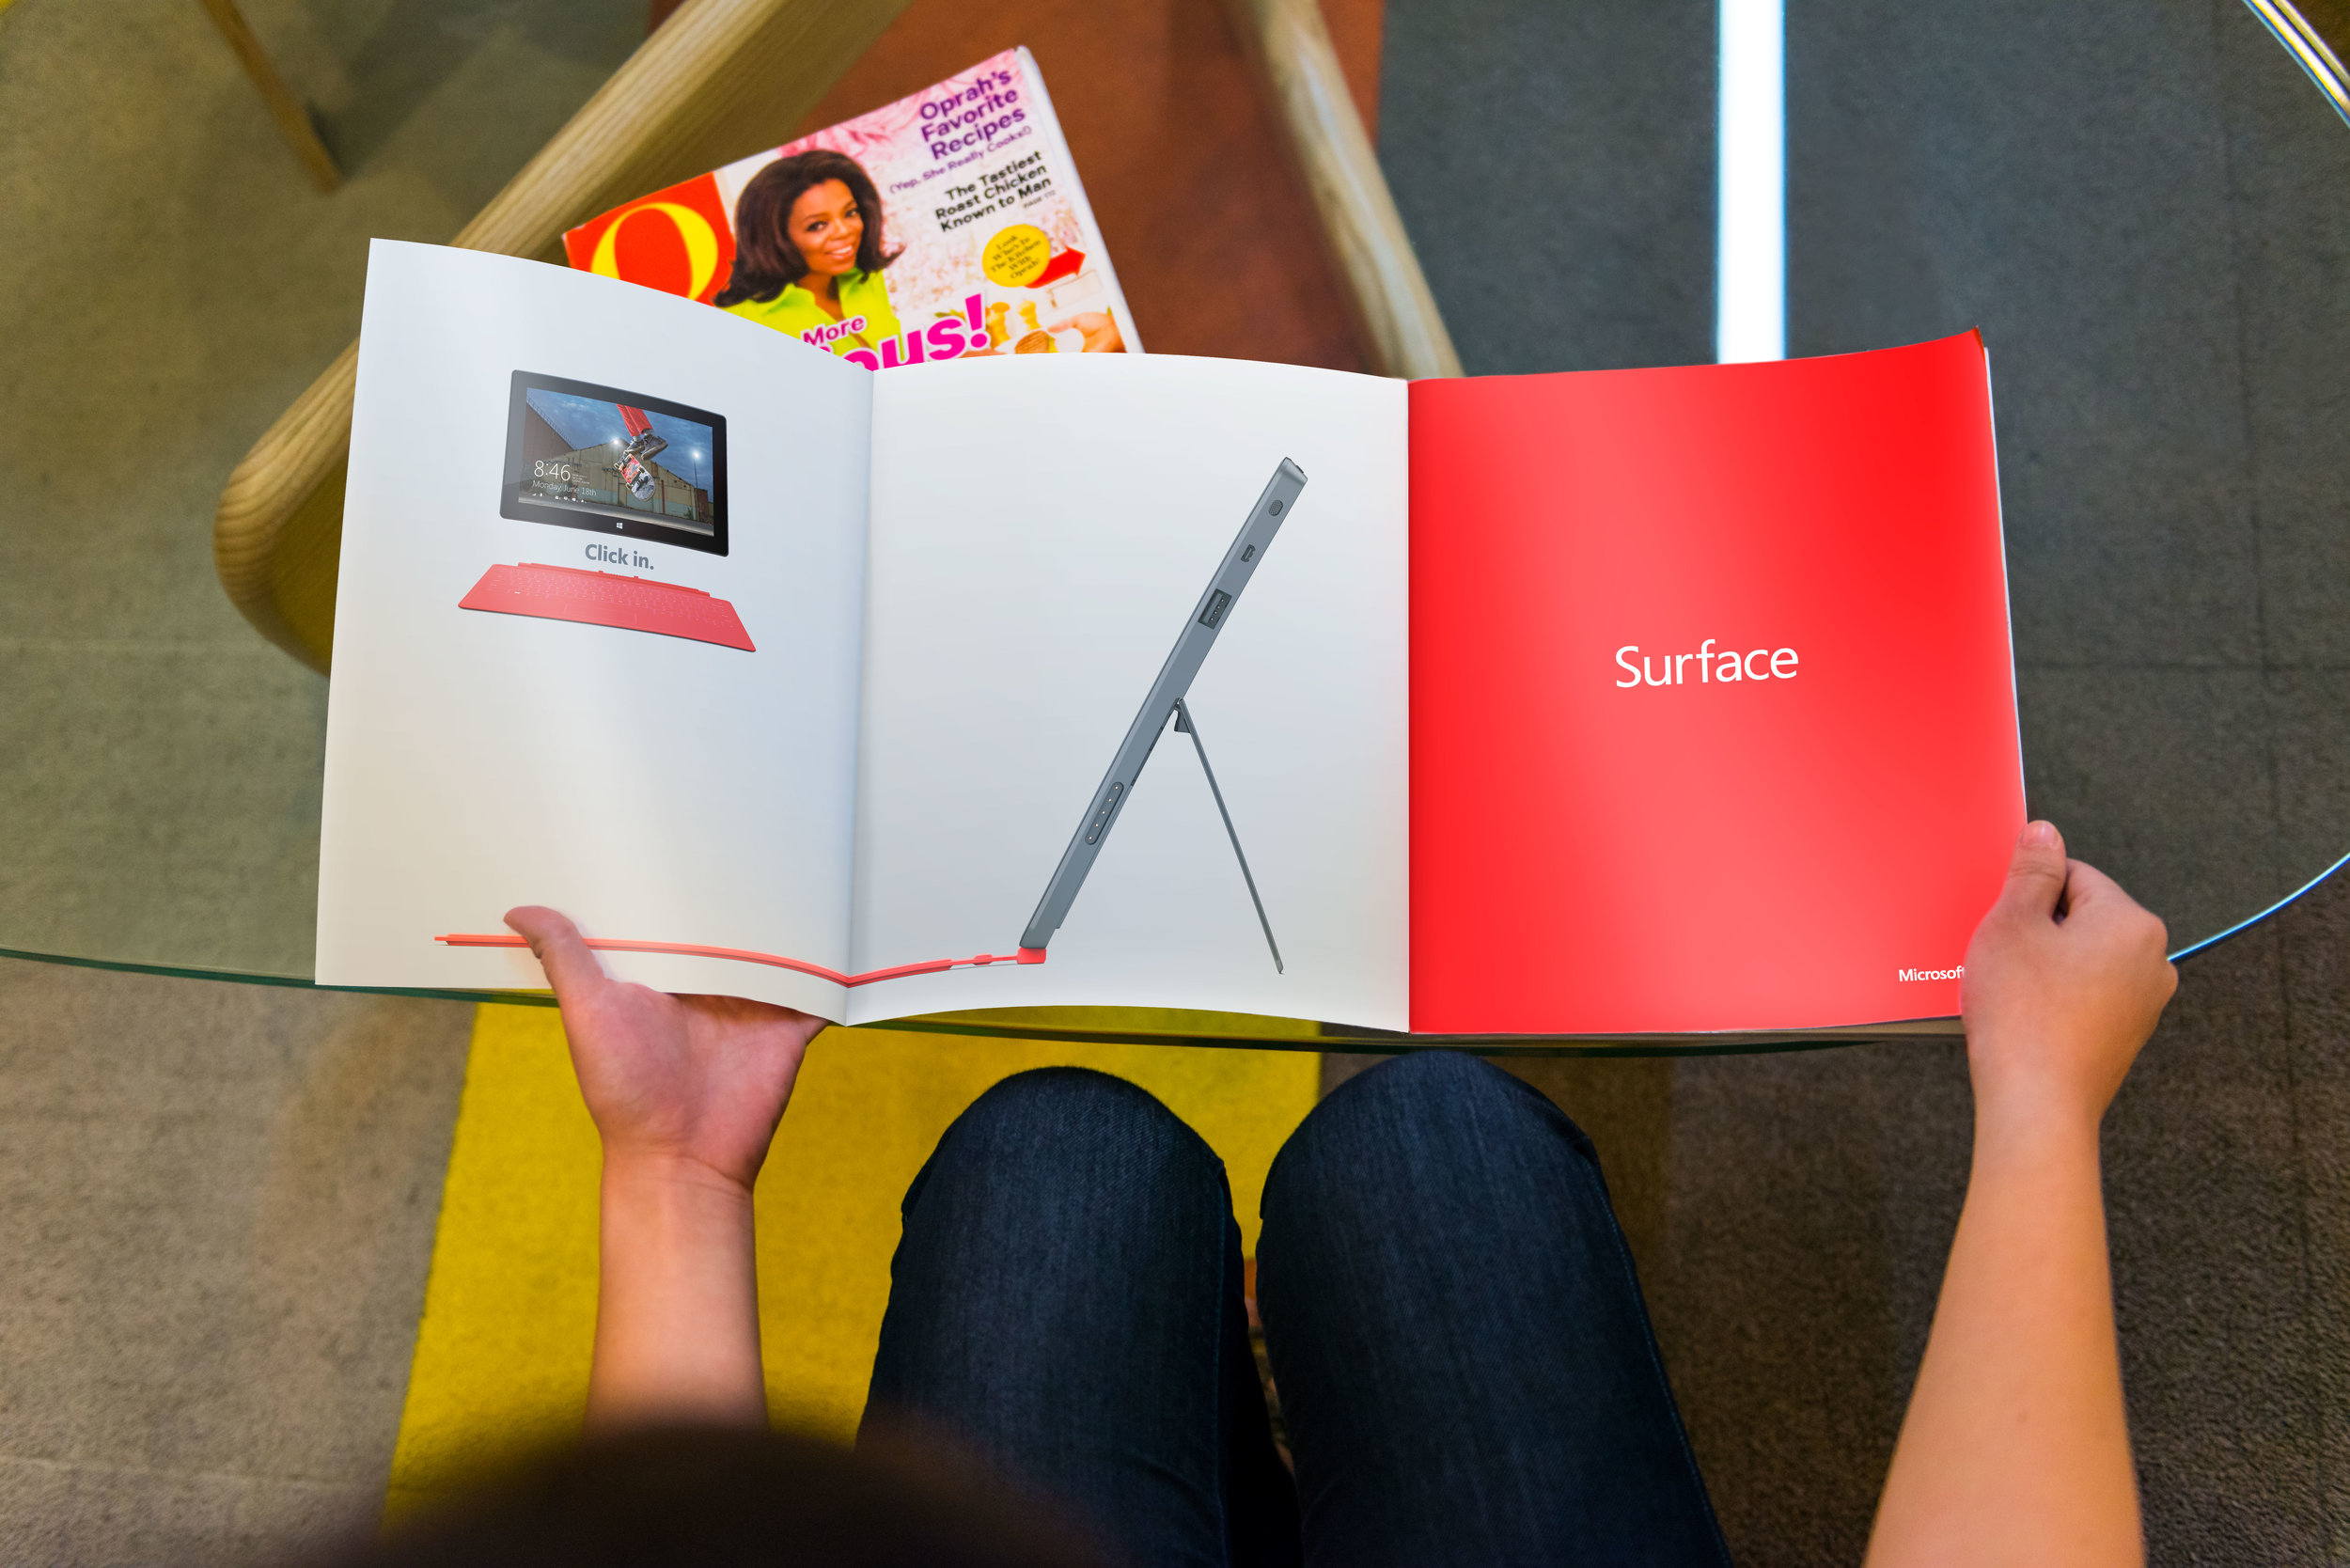 consumer tech product magazine spread ad